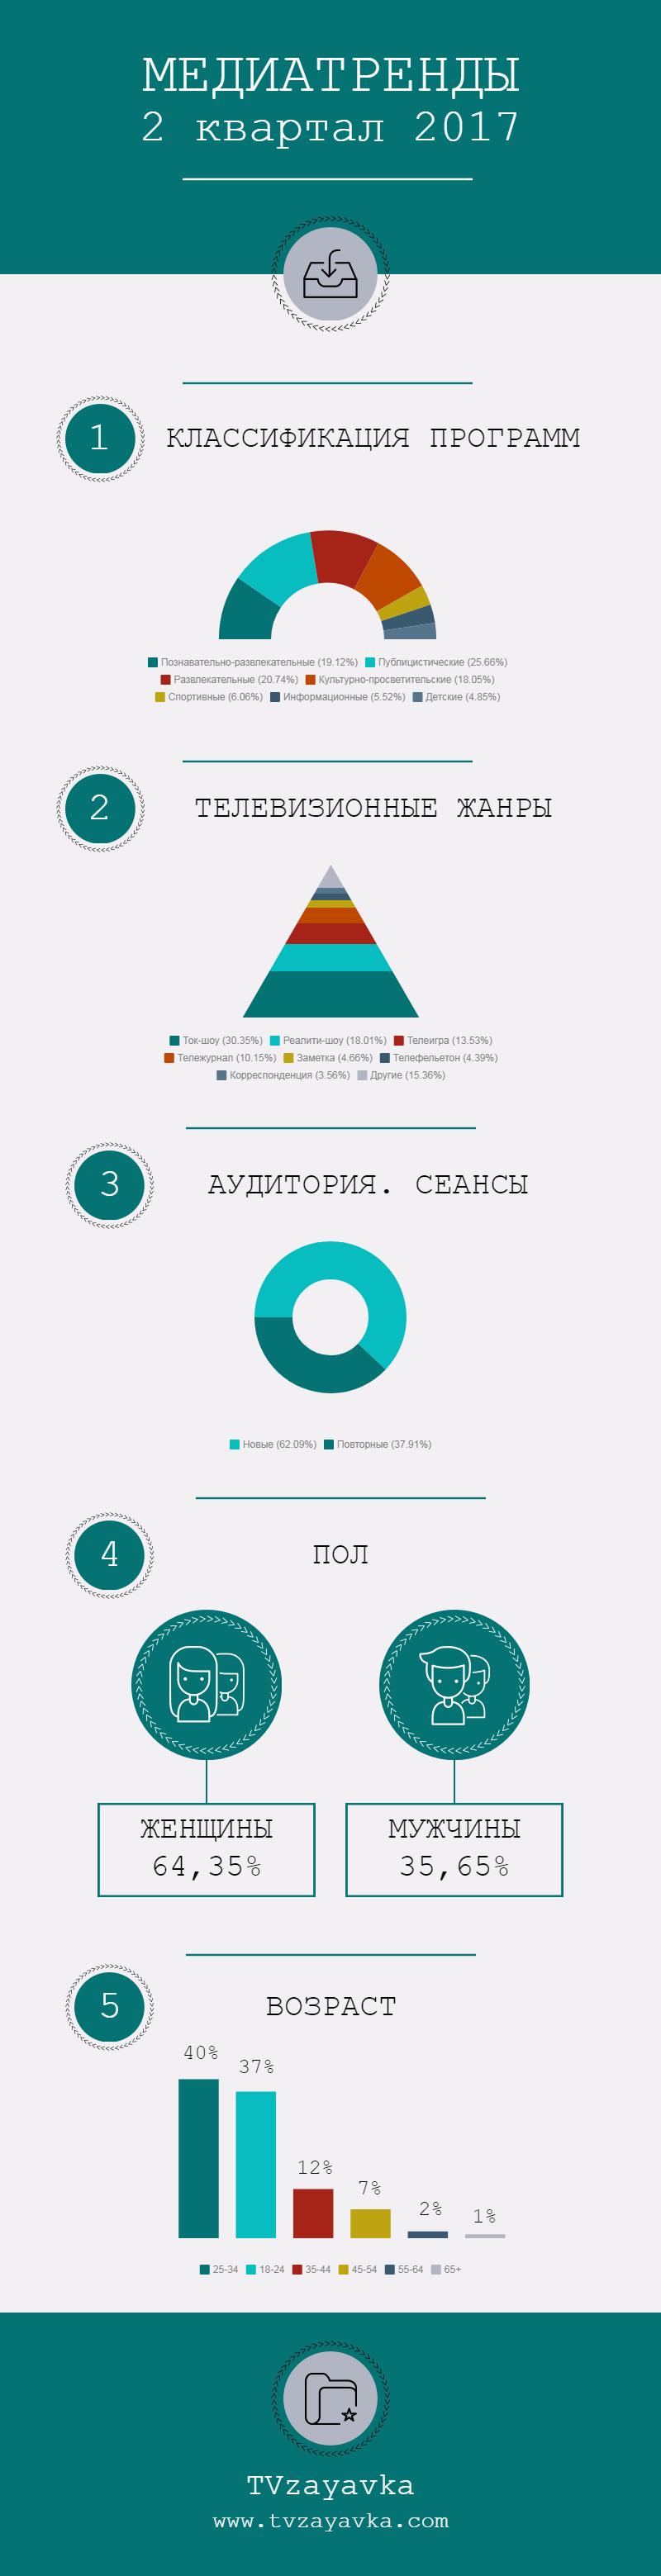 Классификация программ, жанры, структура аудитории, заявки, сценарии.